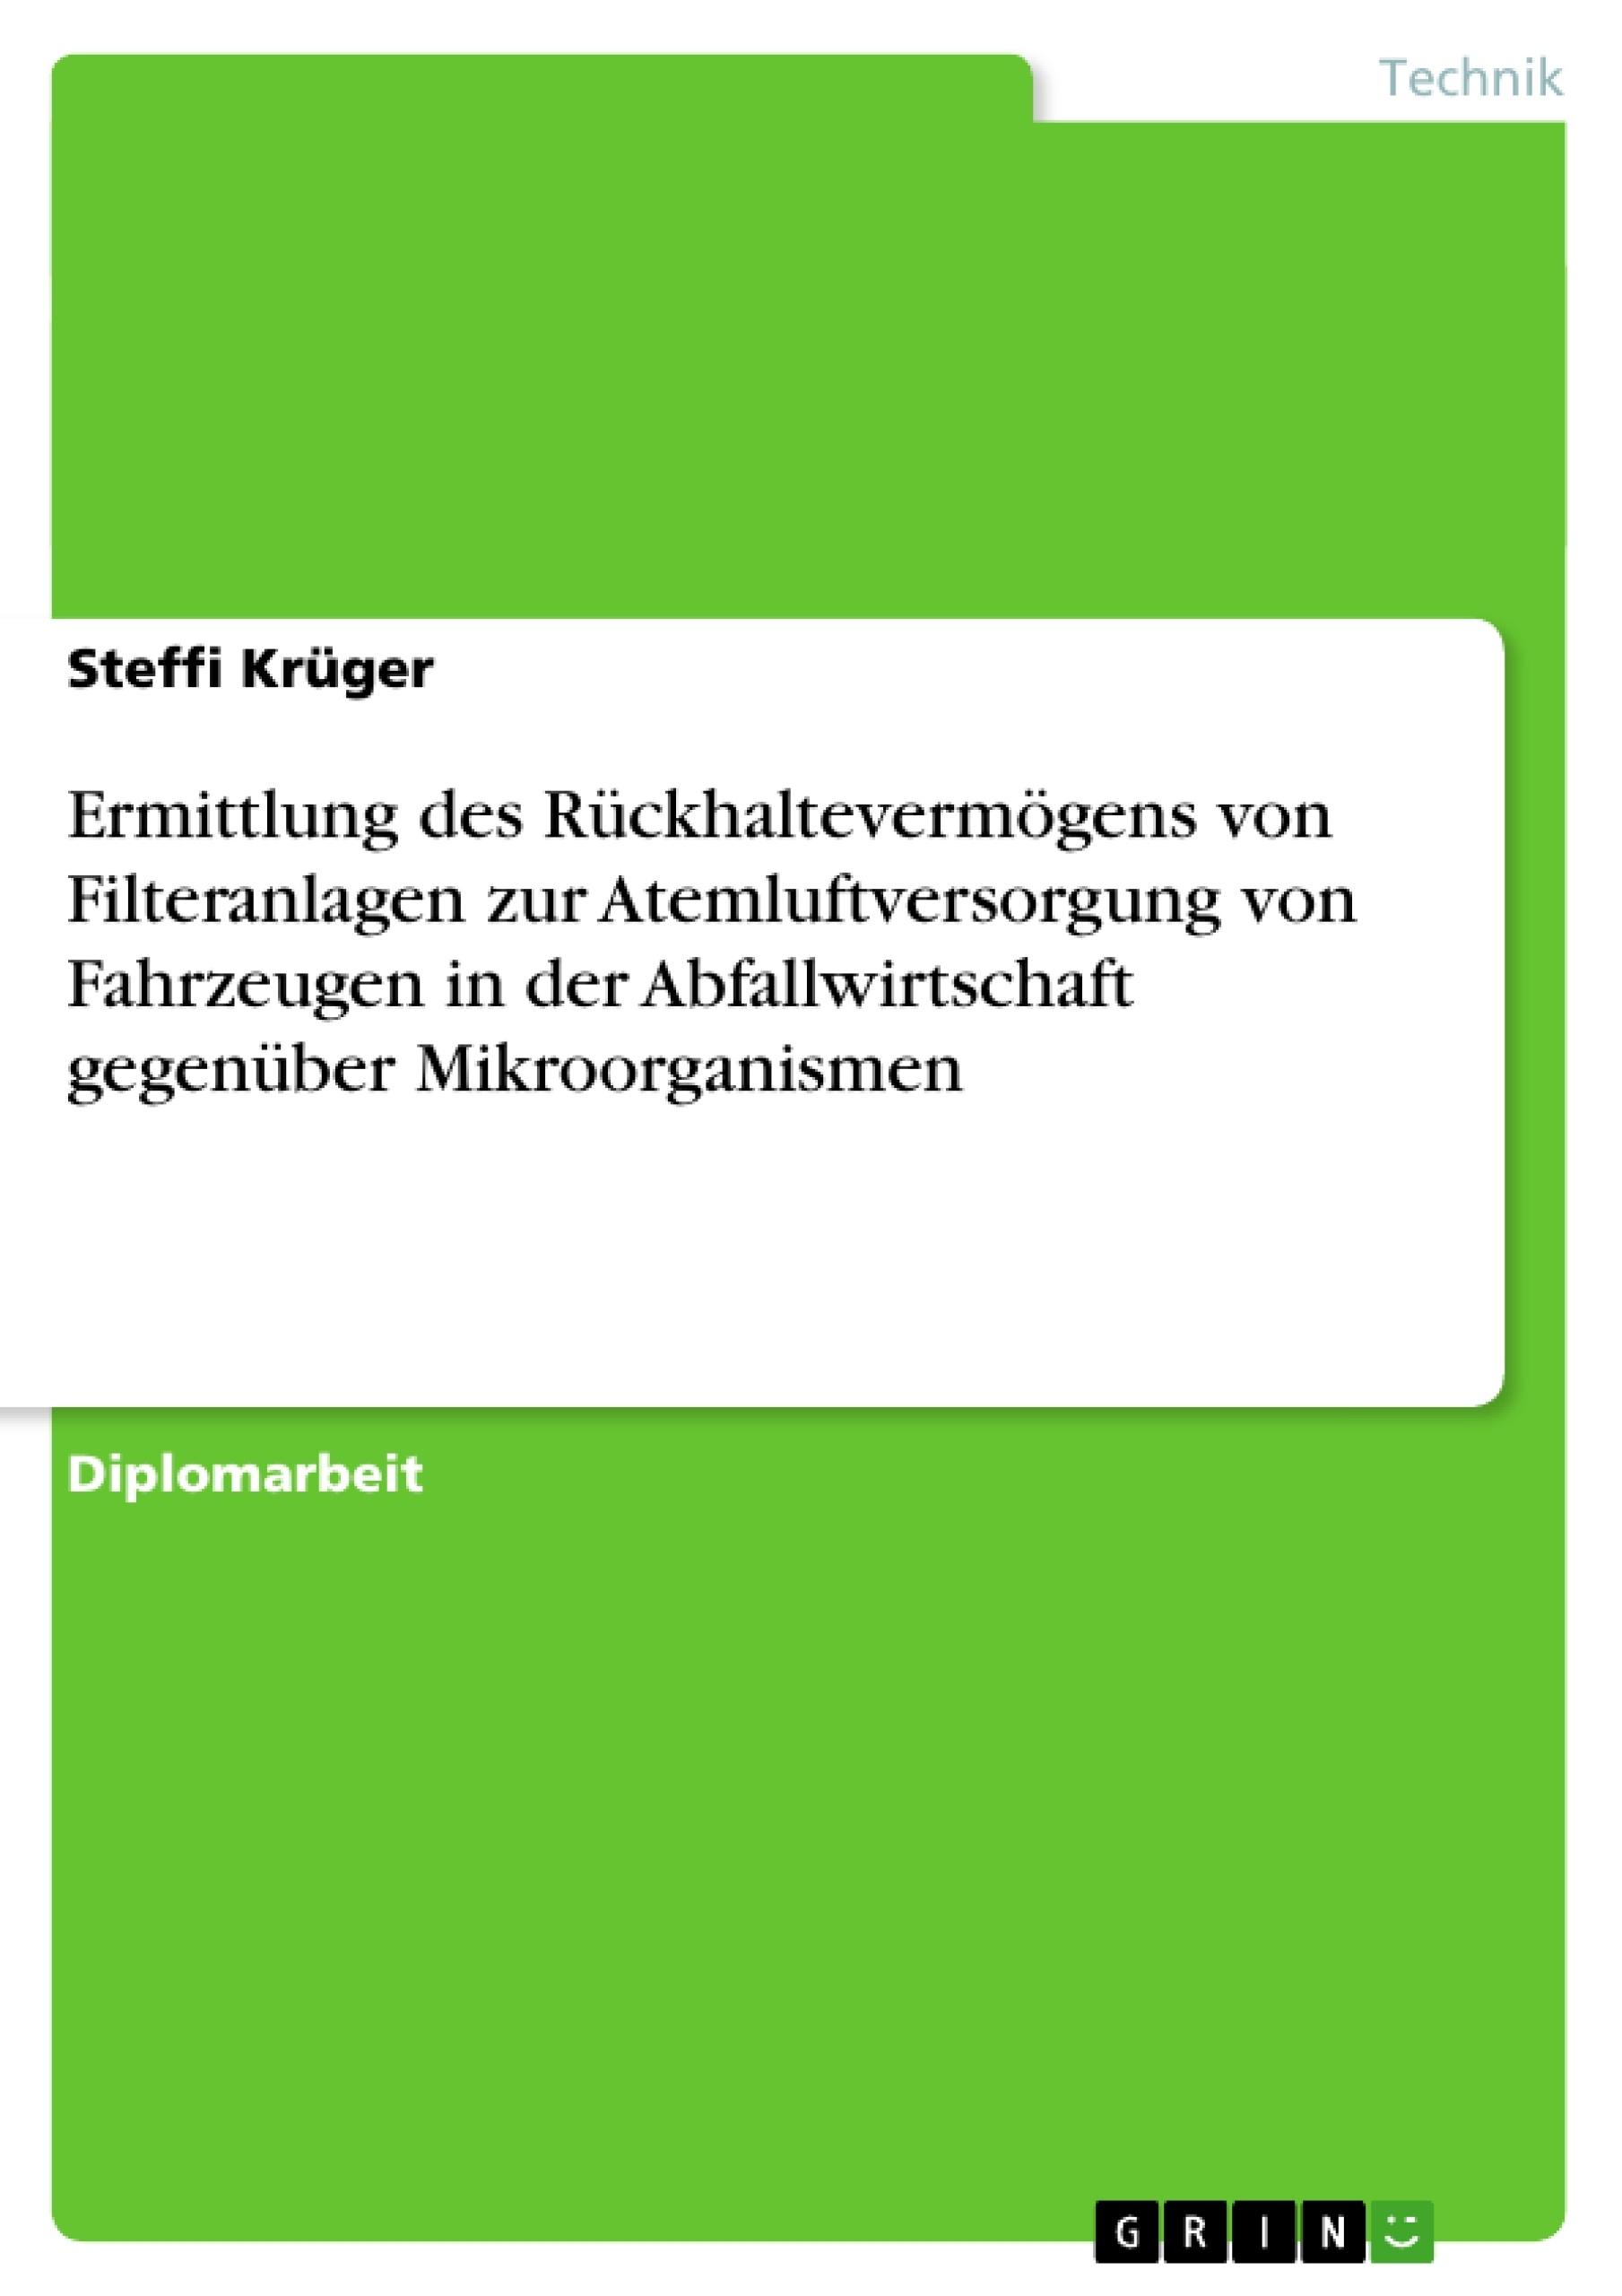 Titel: Ermittlung des Rückhaltevermögens von Filteranlagen zur Atemluftversorgung von Fahrzeugen in der Abfallwirtschaft gegenüber Mikroorganismen